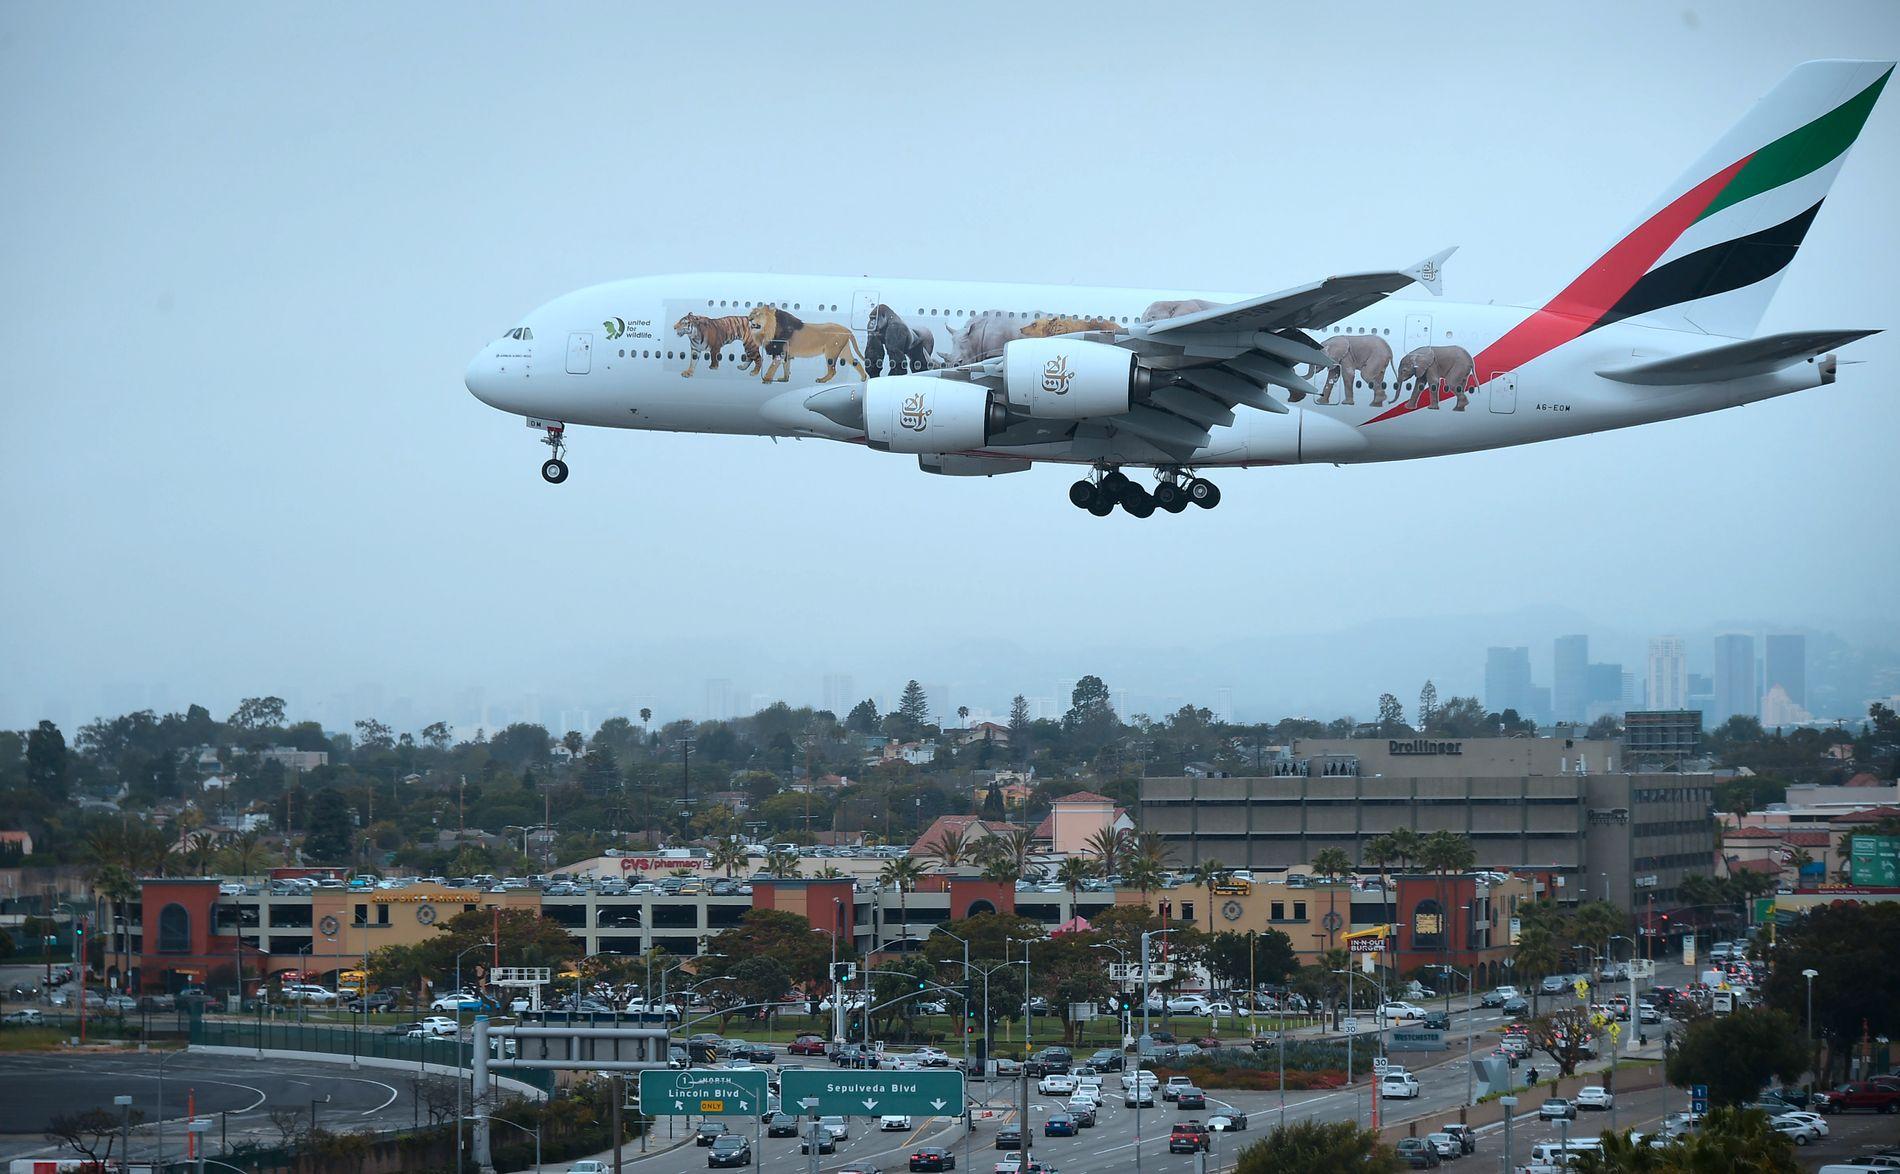 RAMMES: Et Emirates Airlines-fly fra Dubai kommer her inn for landing på flyplassen i Los Angeles.